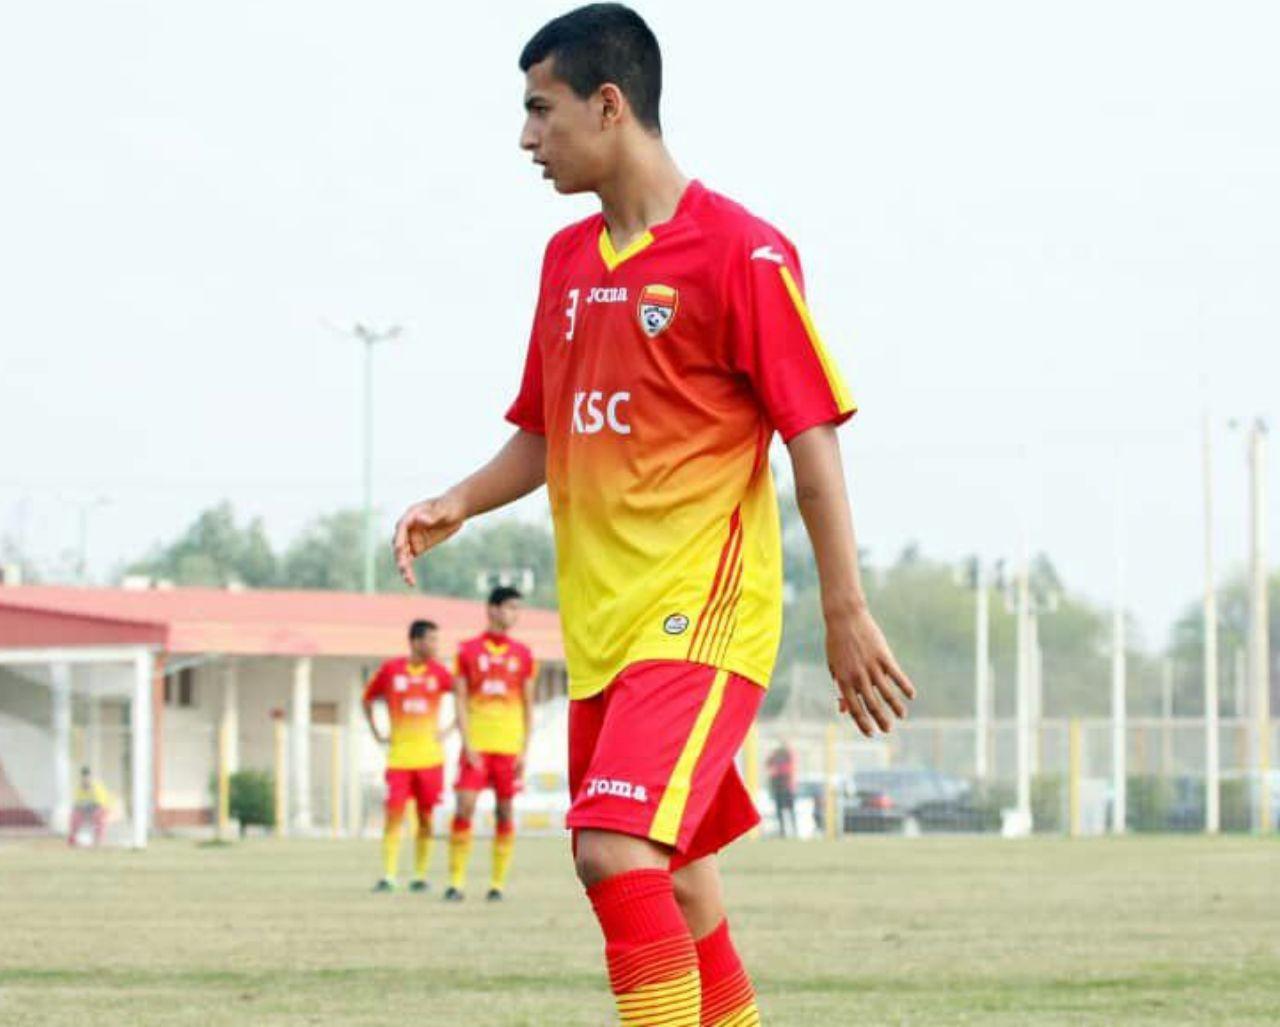 فوتبالیست رامشیری به جوانان فولاد پیوست